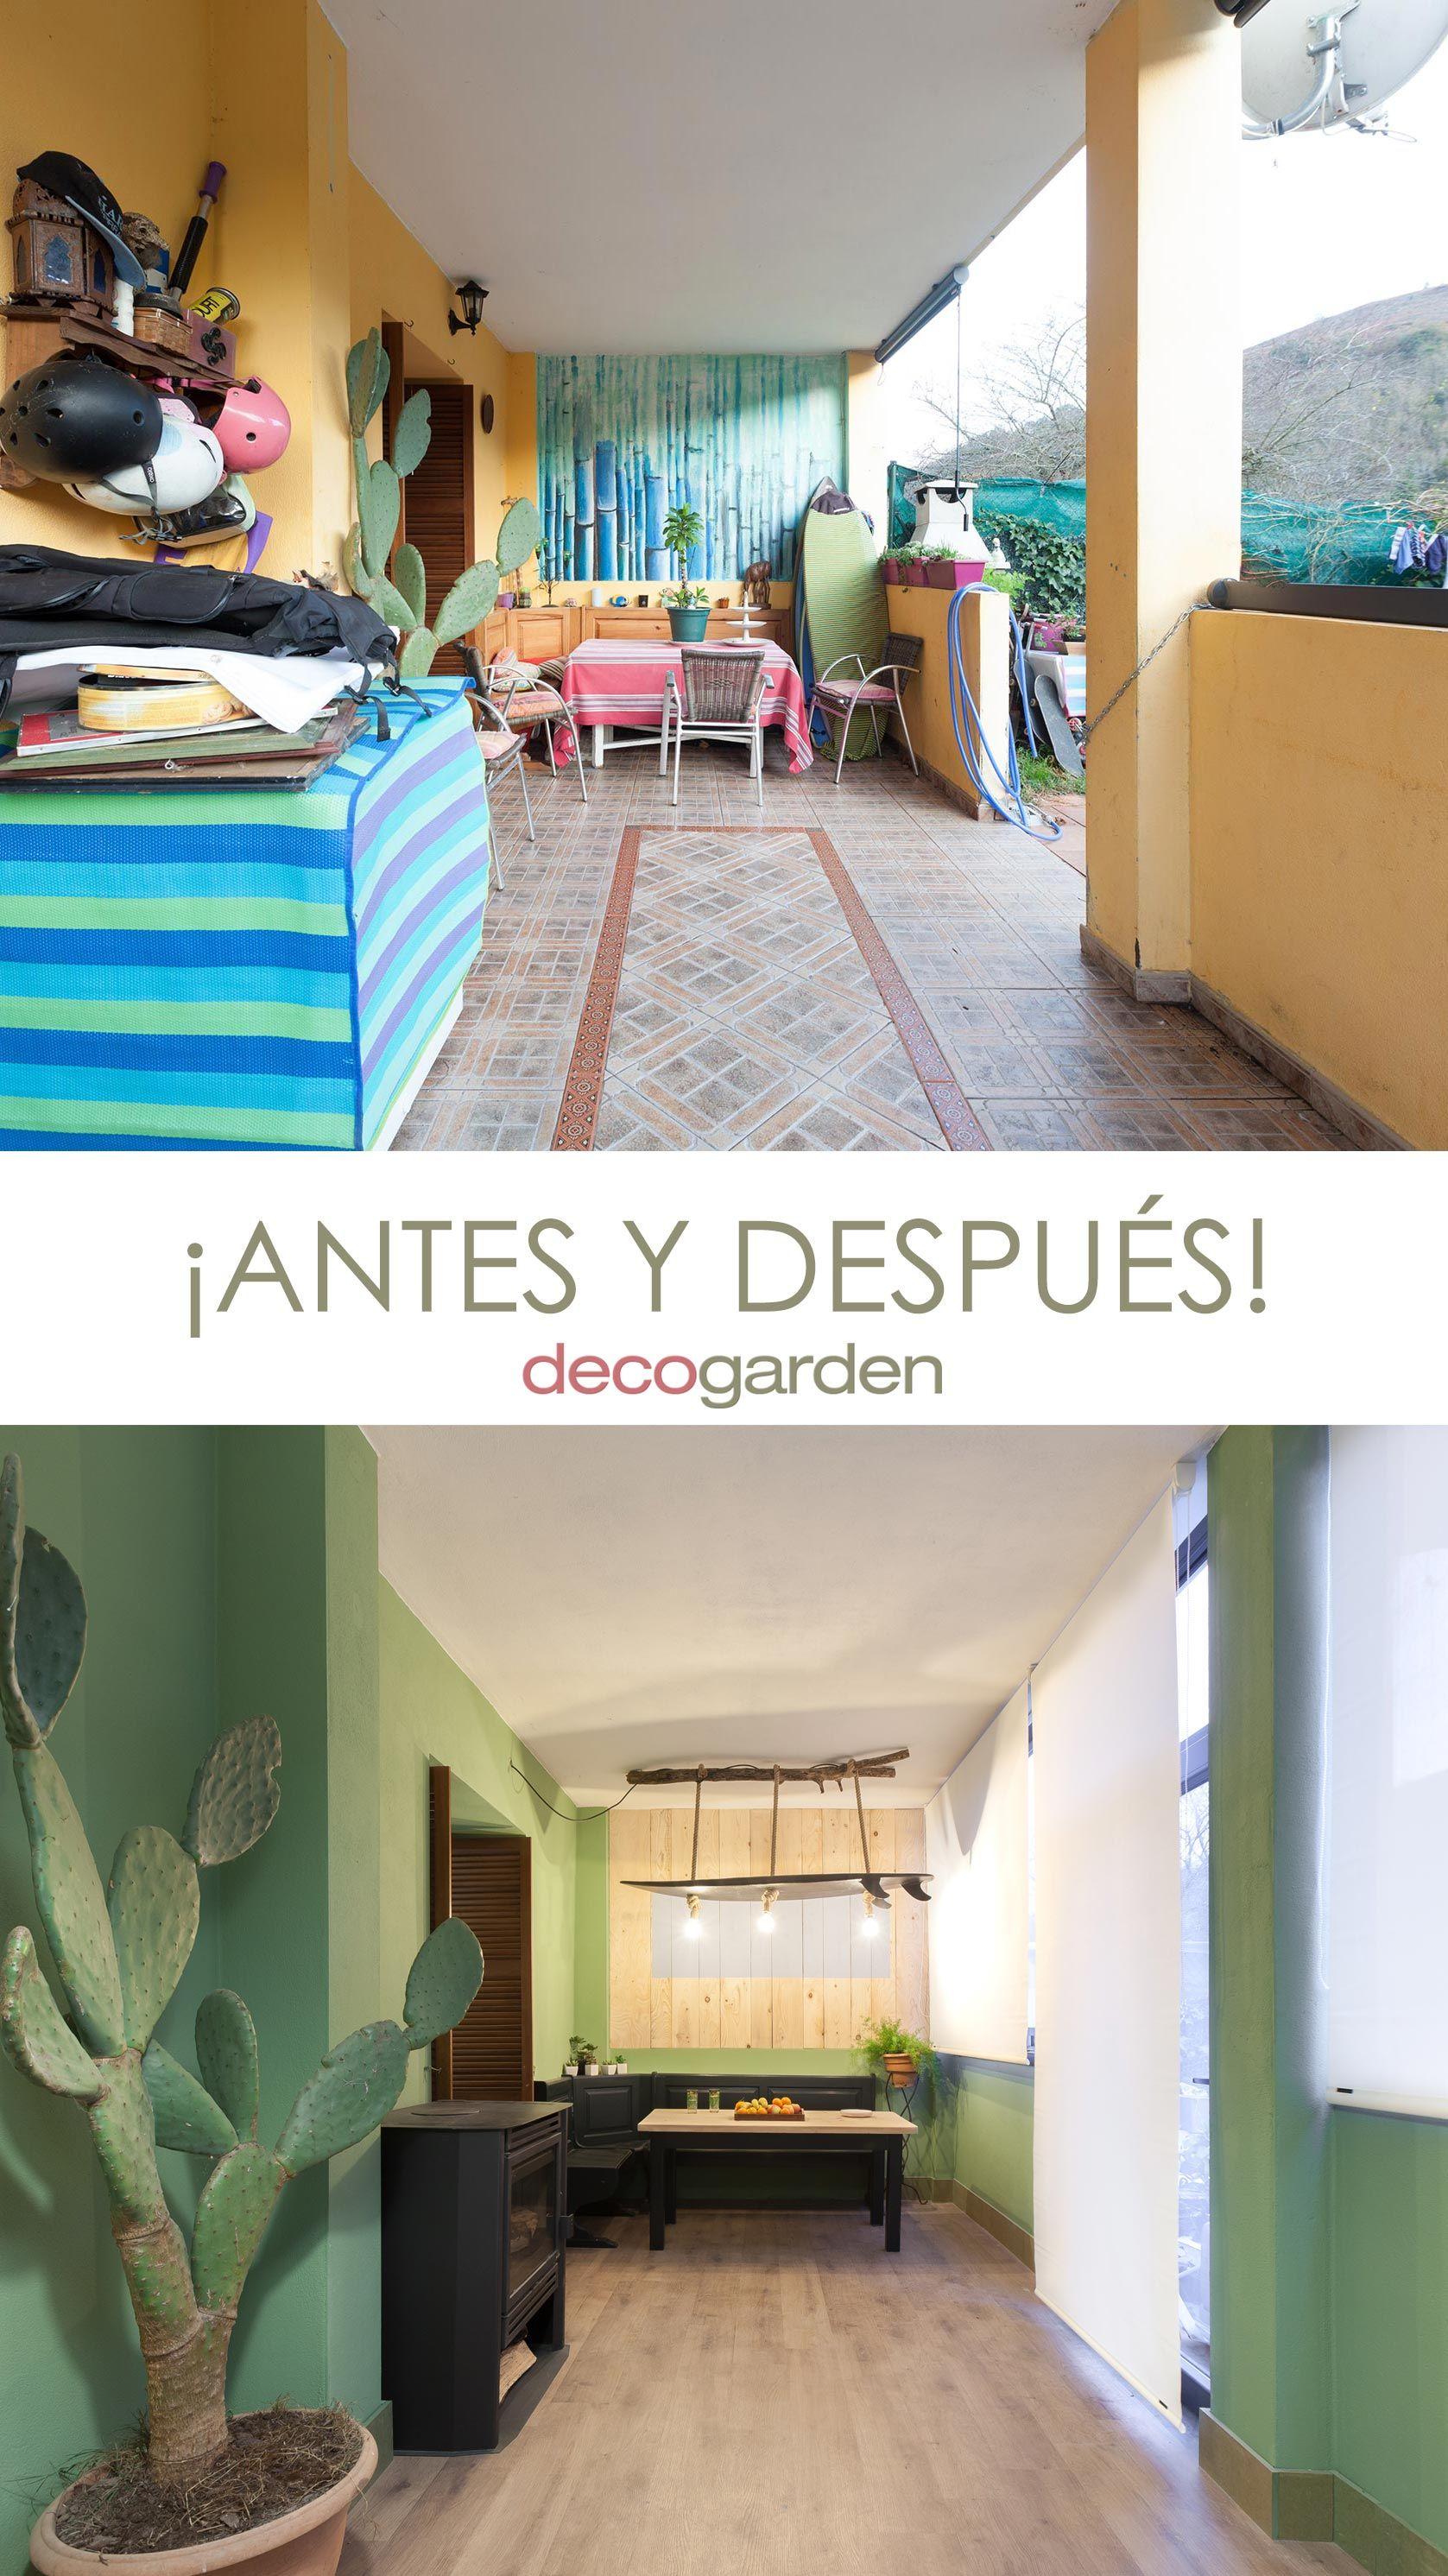 décorez un porche de jeunesse en vert - avant et après